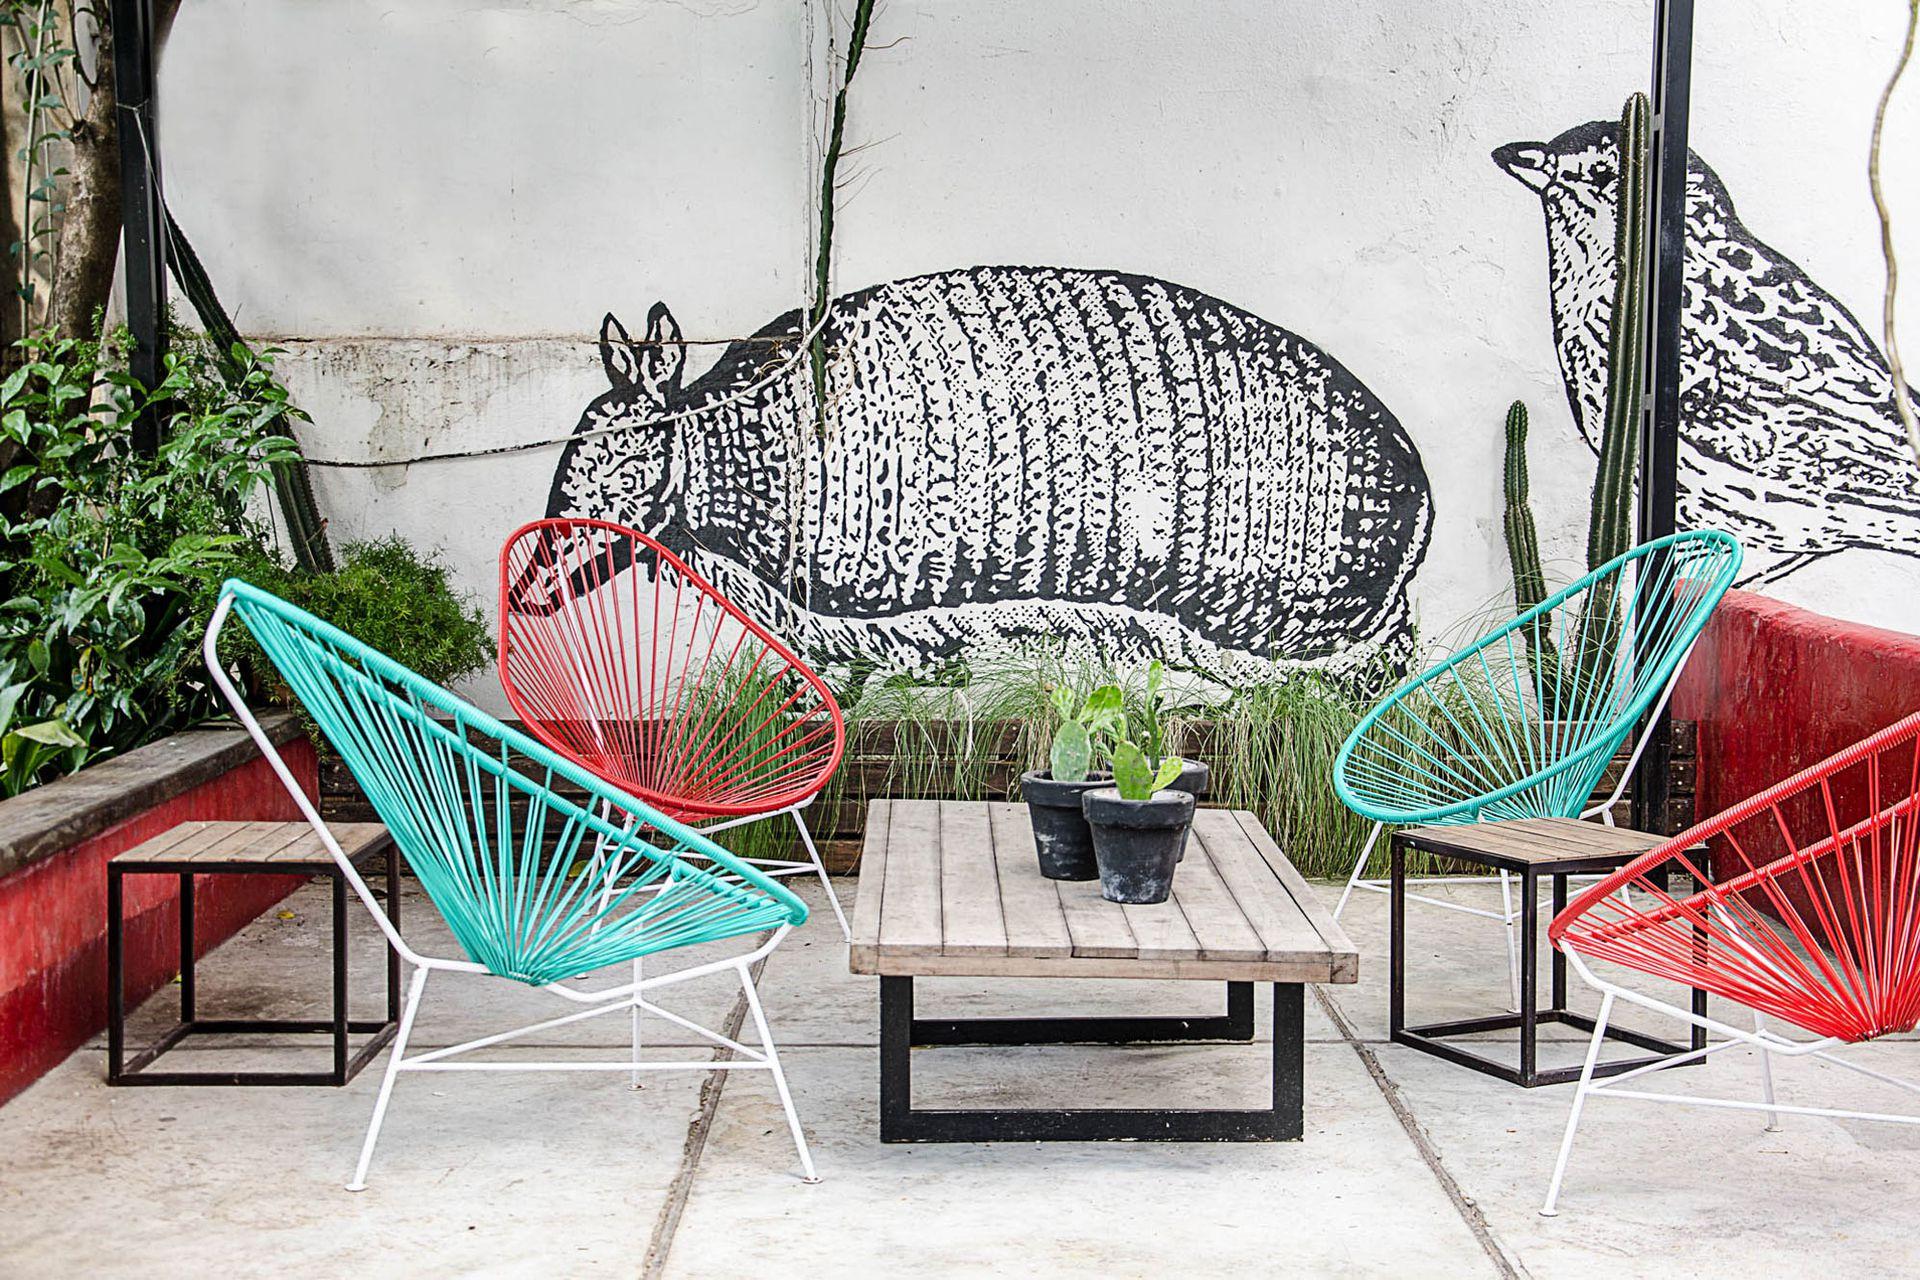 En el barrio porteño de Coghlan, una casa antigua aloja a una agencia de medios digital. En el jardín, diseñado por los paisajistas Joaquín Pérez Corral y Cristian Obarrio, se luce un mural en blanco y negro realizado por Teófilo Riadigos.